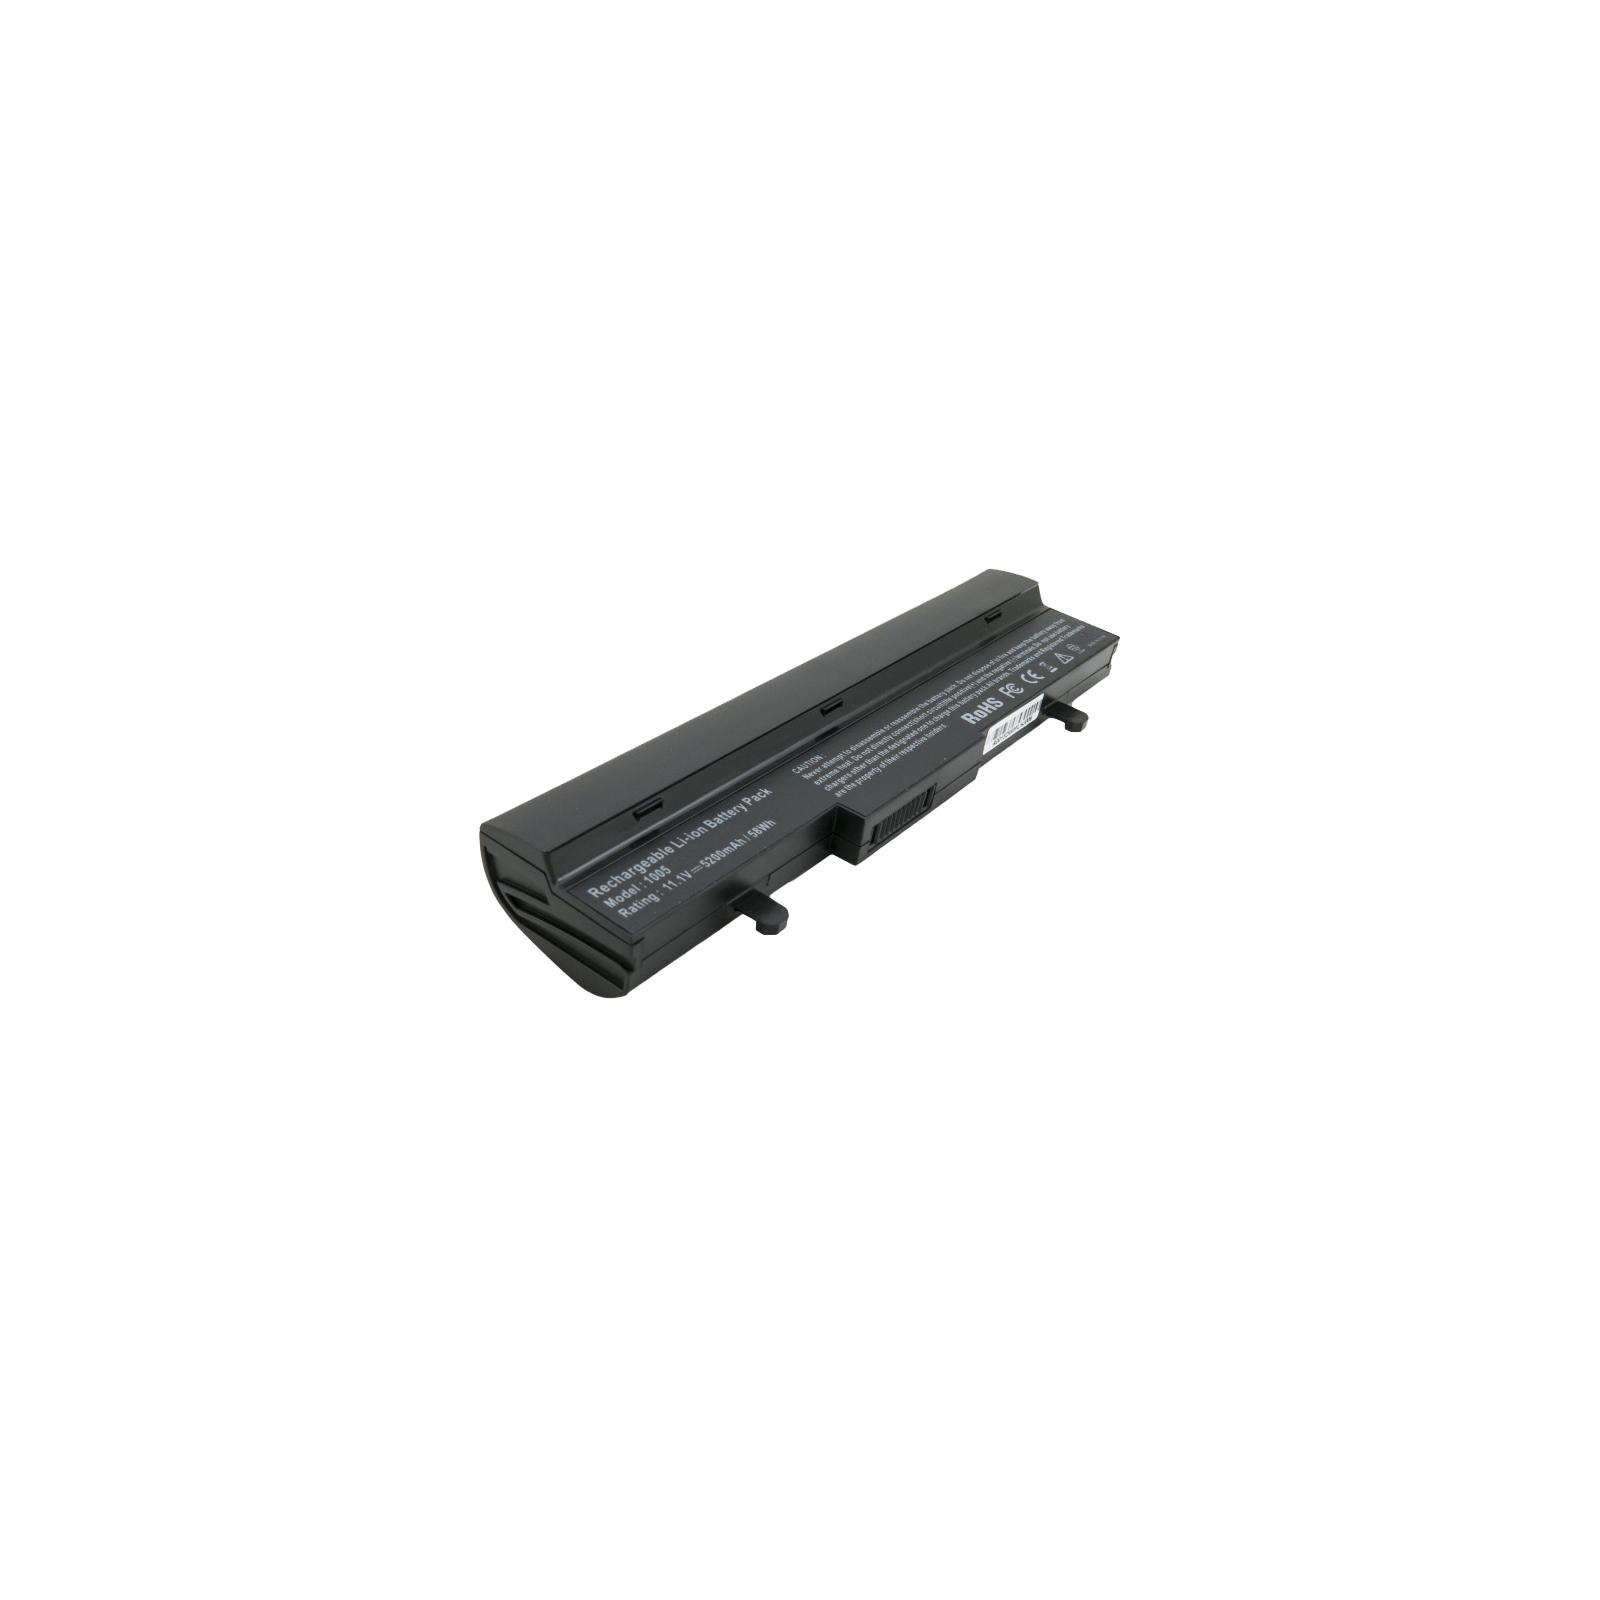 Аккумулятор для ноутбука Asus Eee PC 1005 (AL31-1005) 5200 mAh EXTRADIGITAL (BNA3920) изображение 2